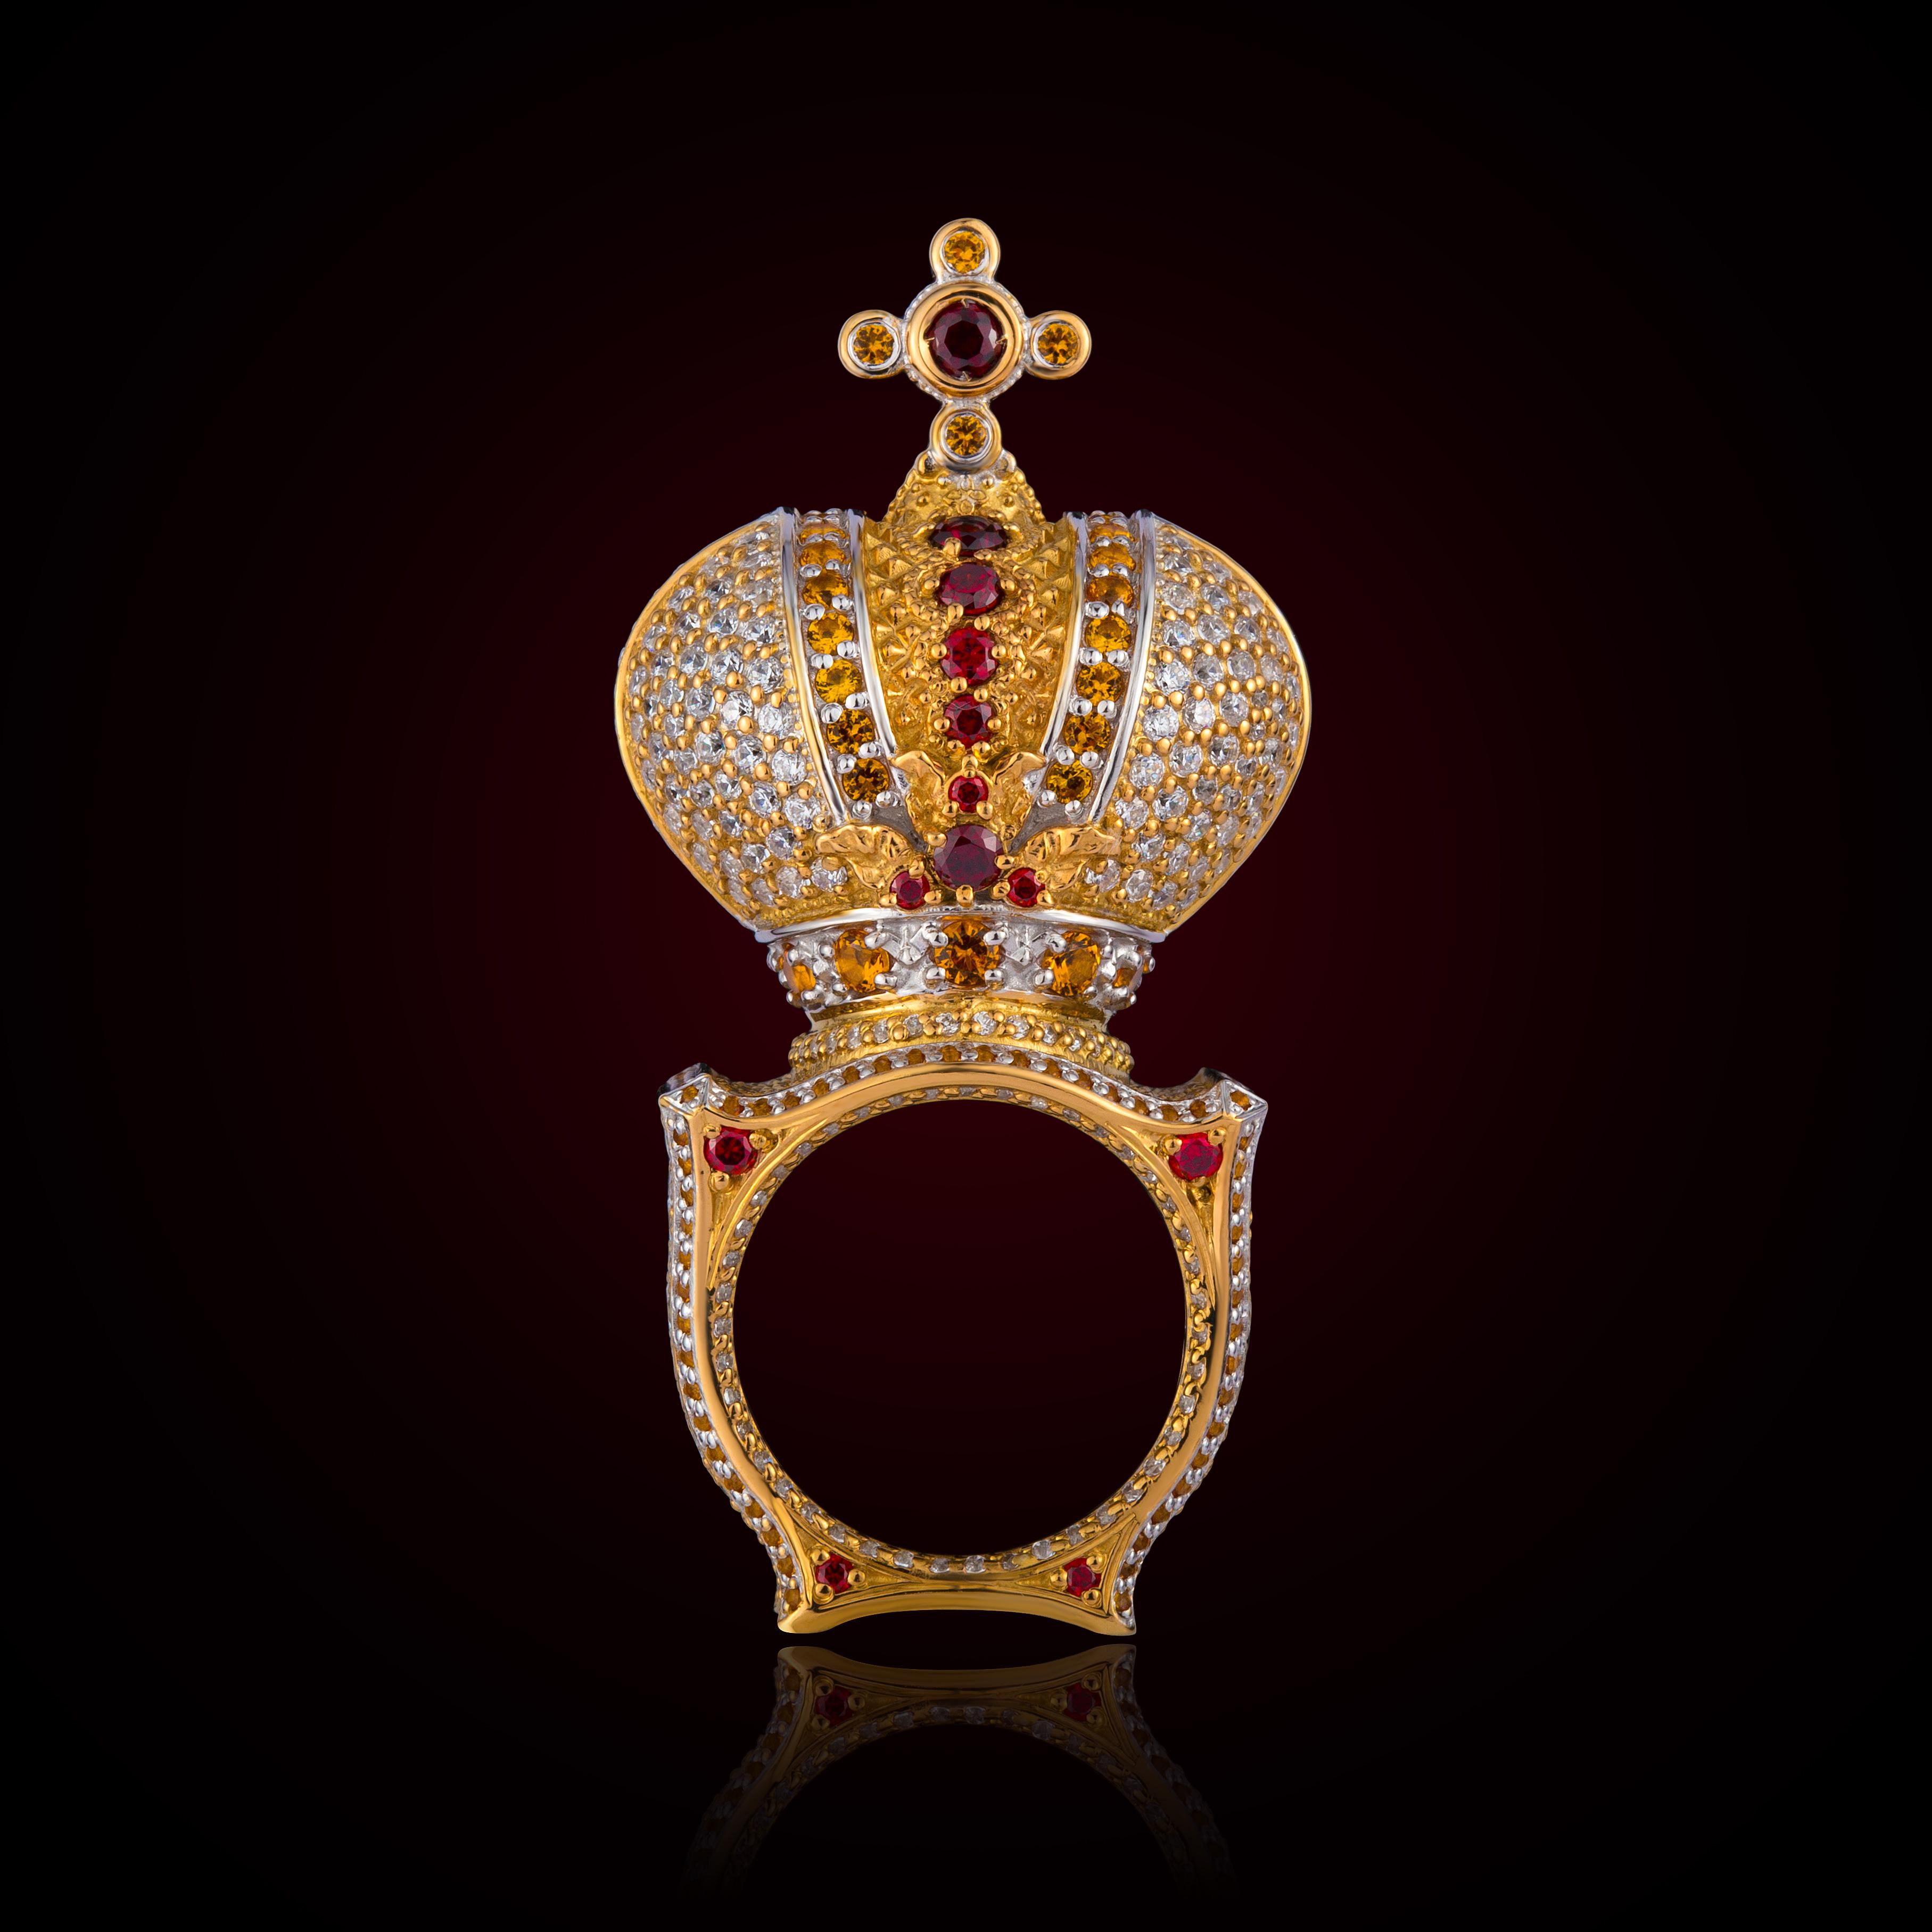 Фотосъемка ювелирных украшений